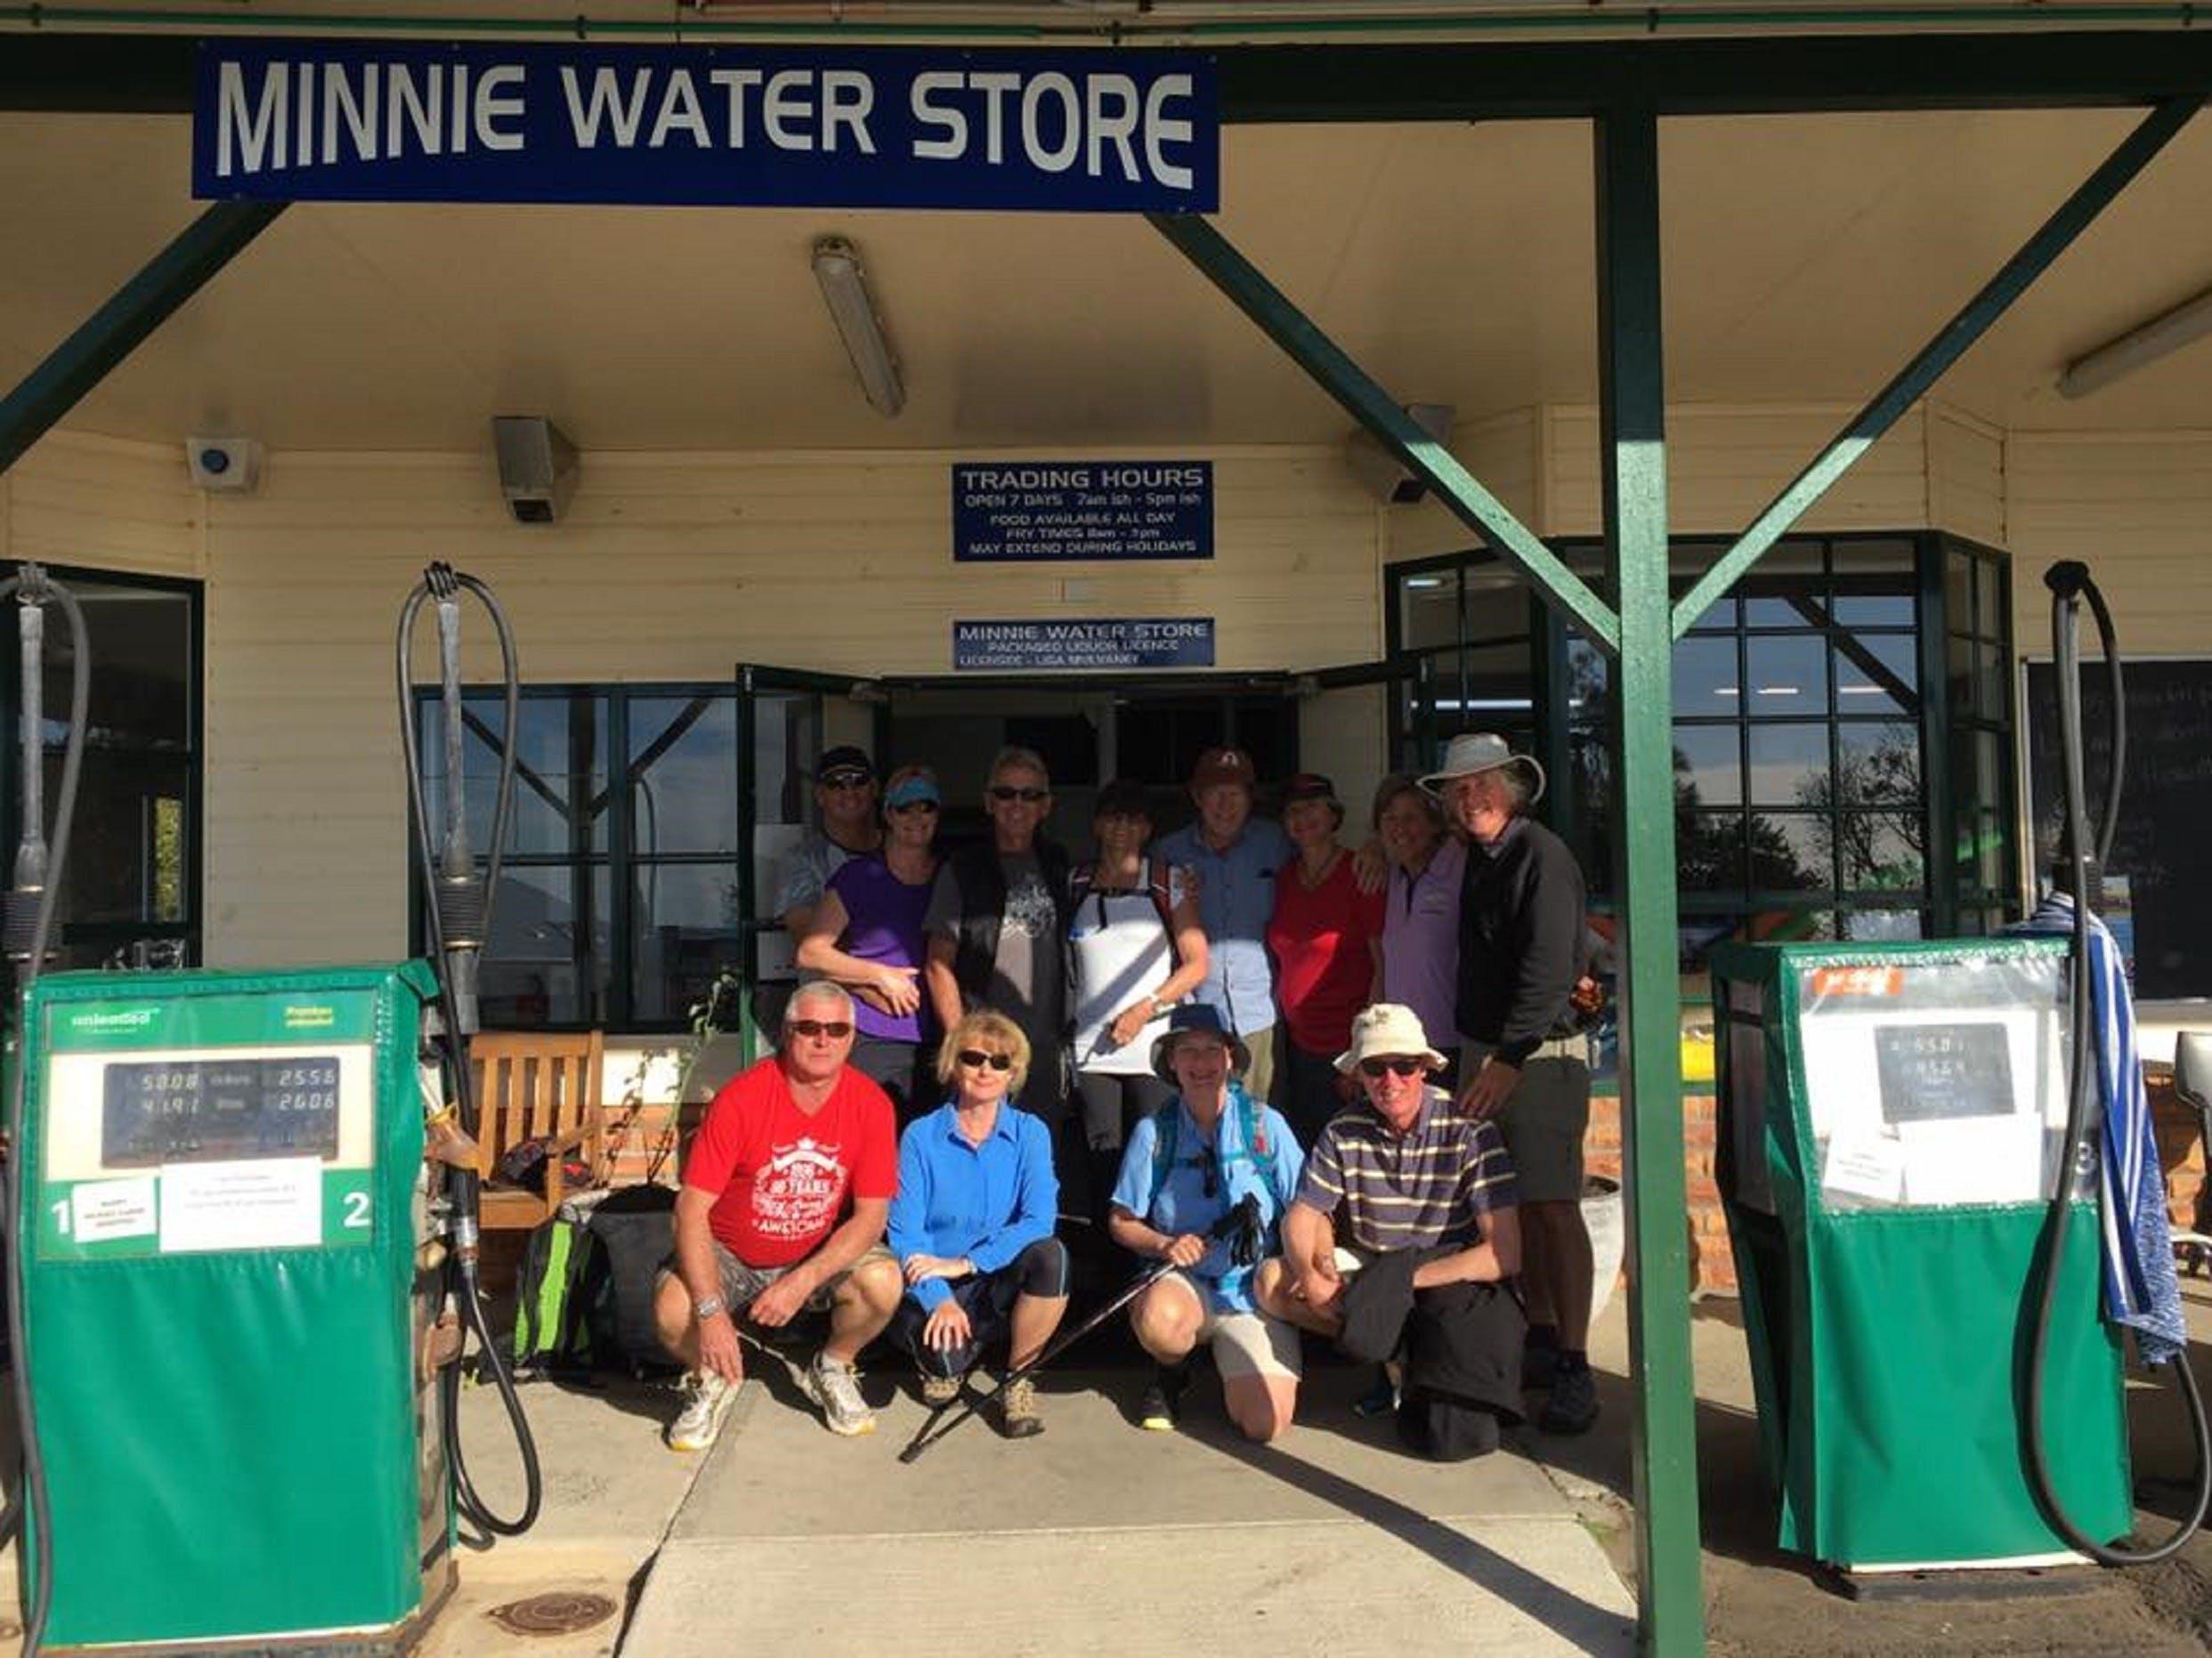 Minnie Water Store